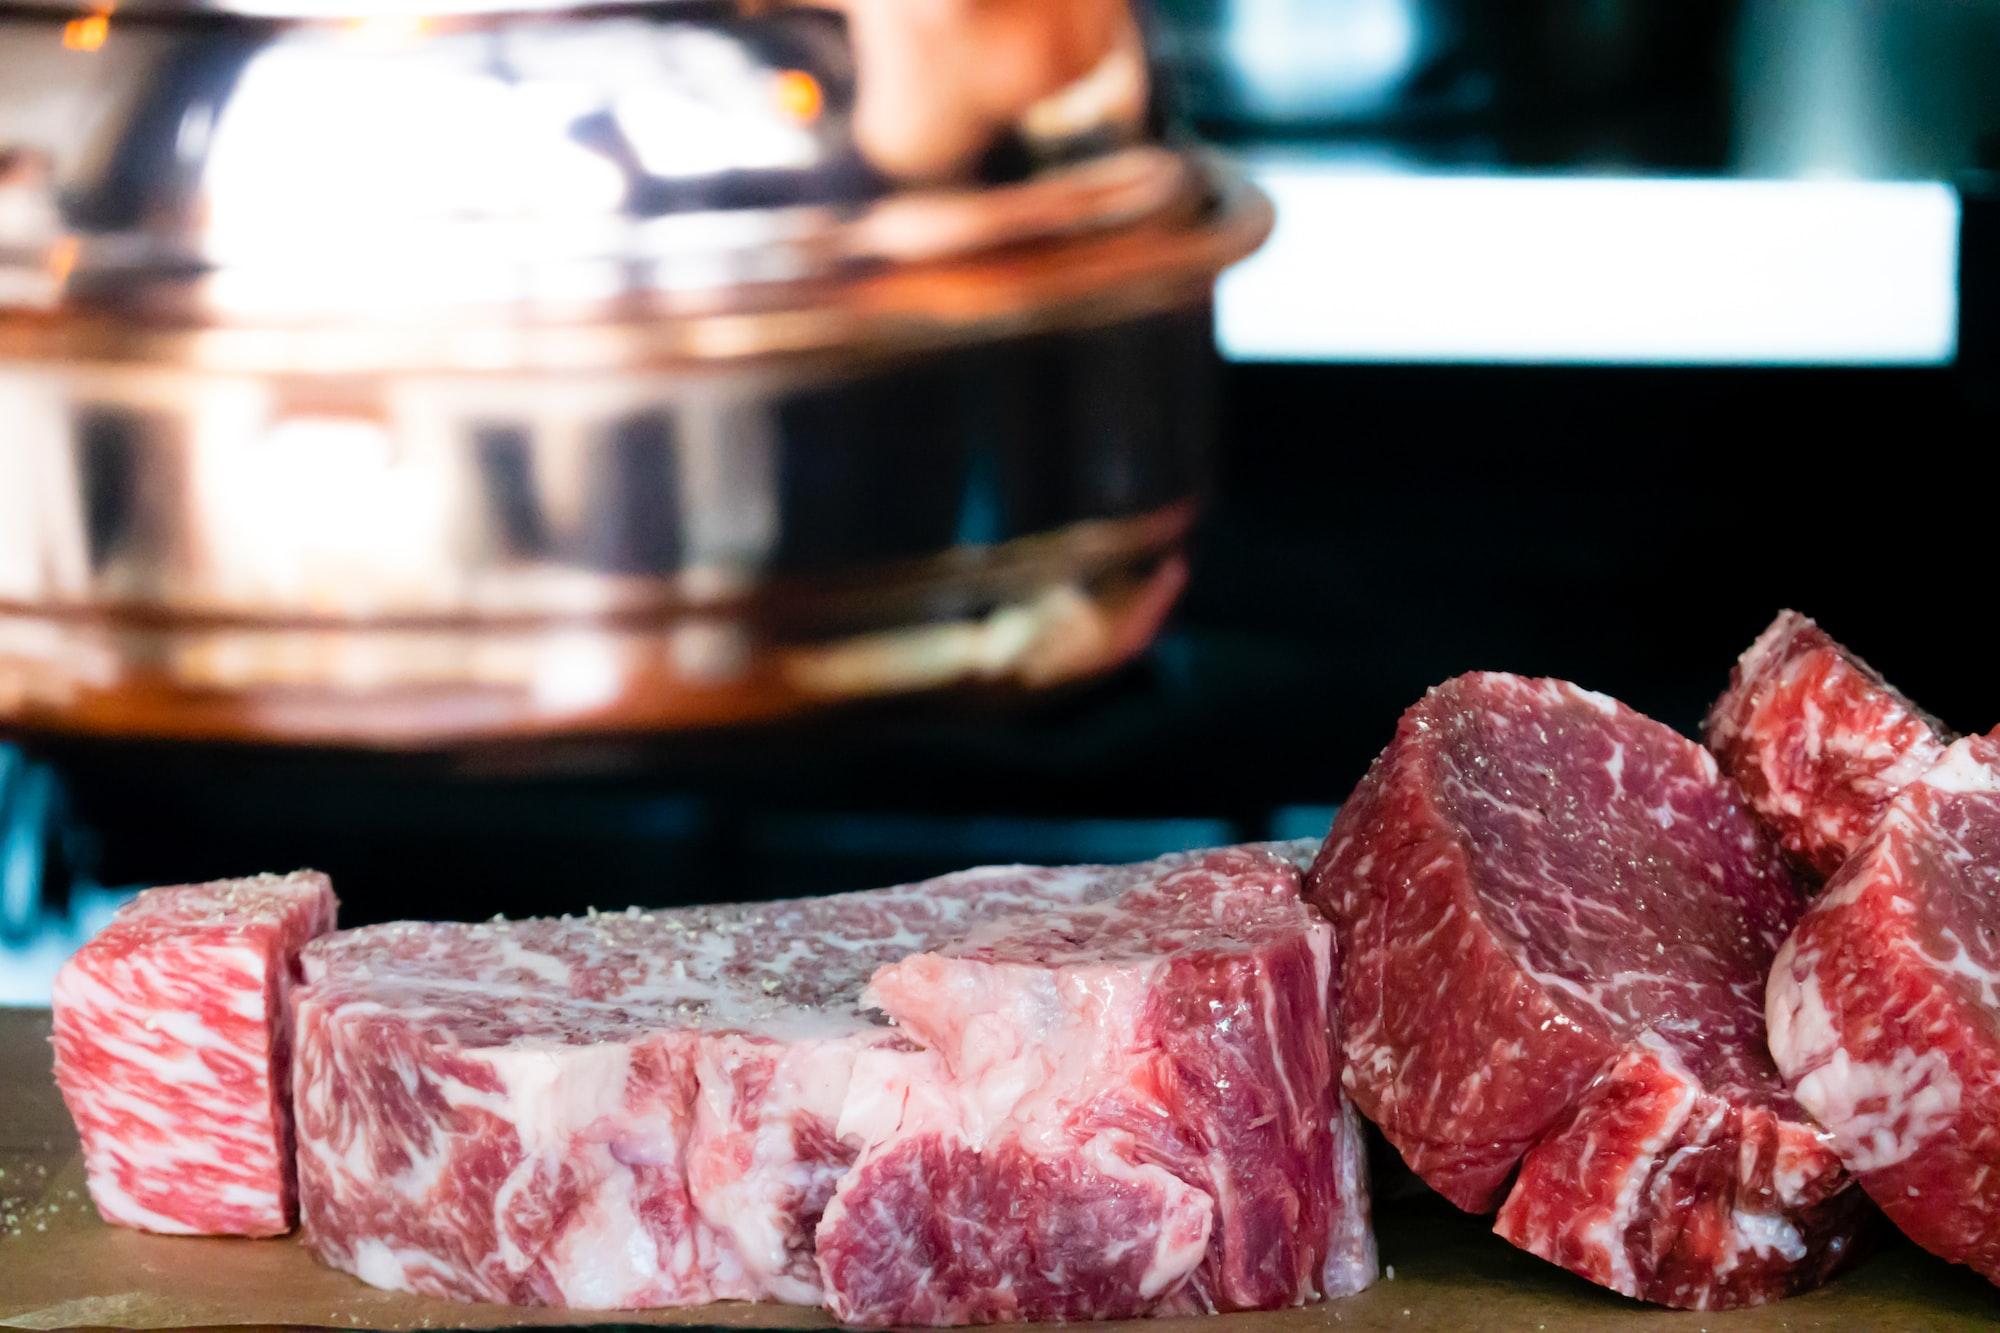 Keto กินแต่เนื้อวัวไขมันจะจุกอกตายมั้ย ?